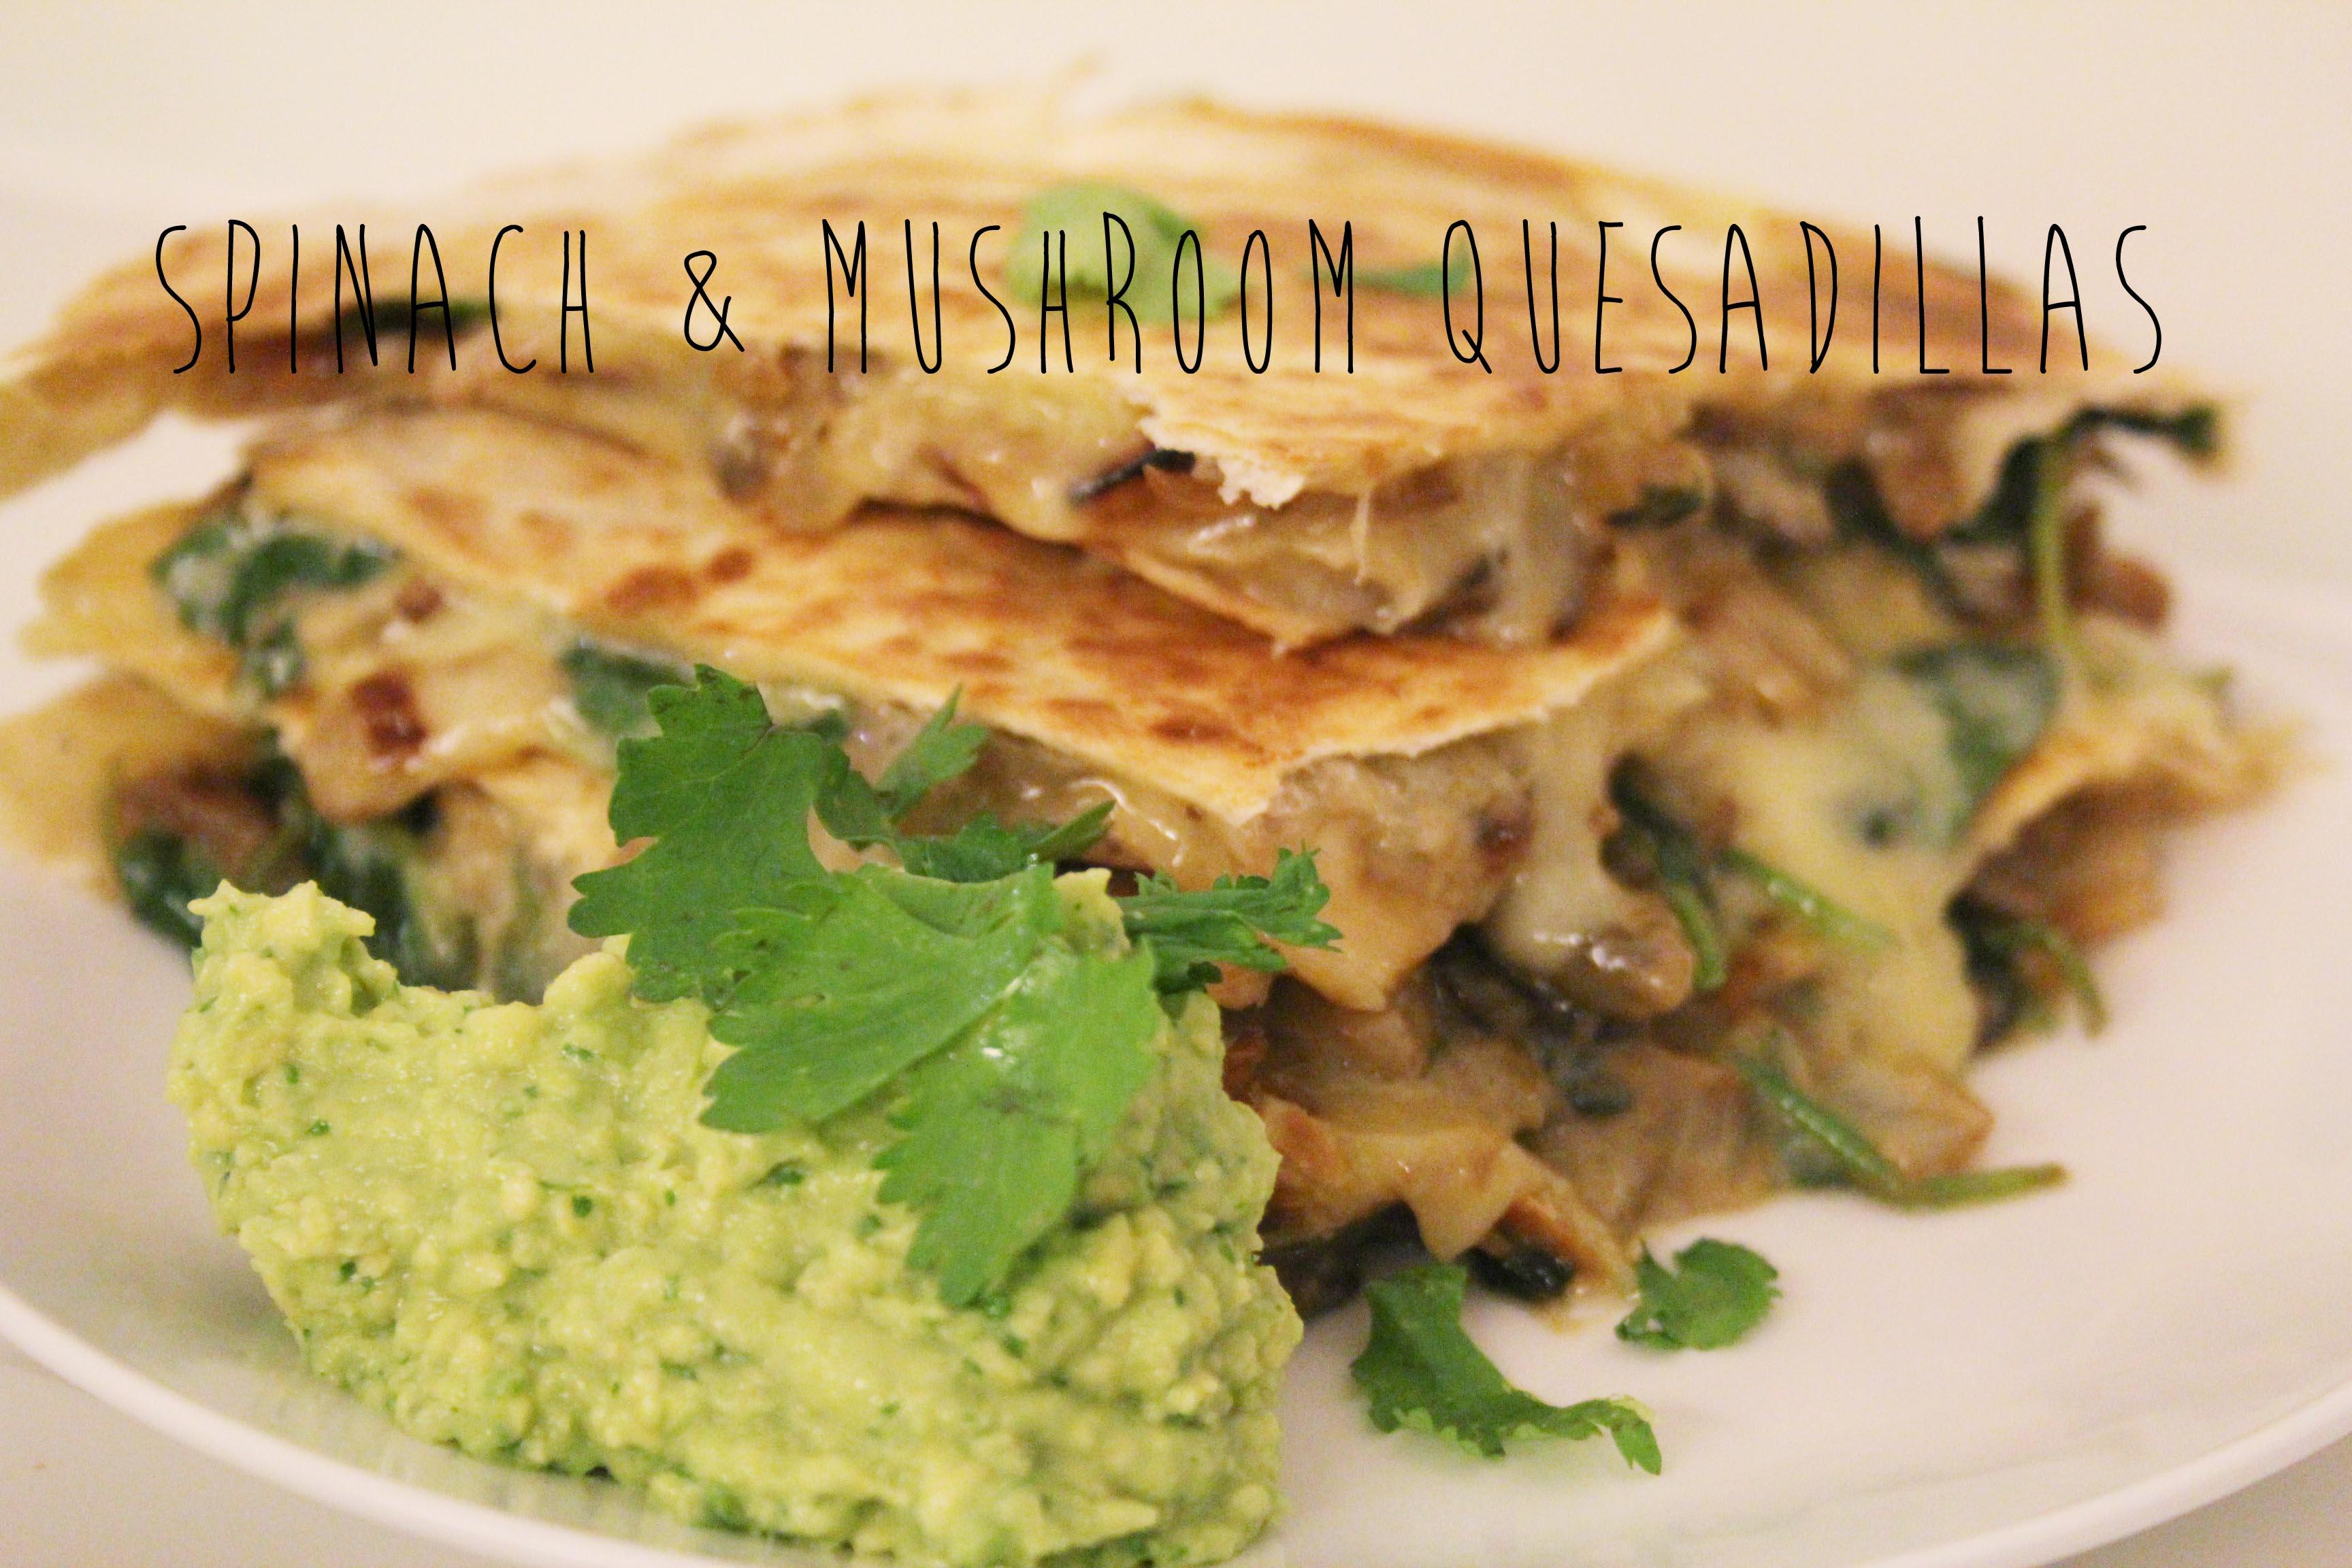 1877213332 Spinach & Mushroom Quesadillas